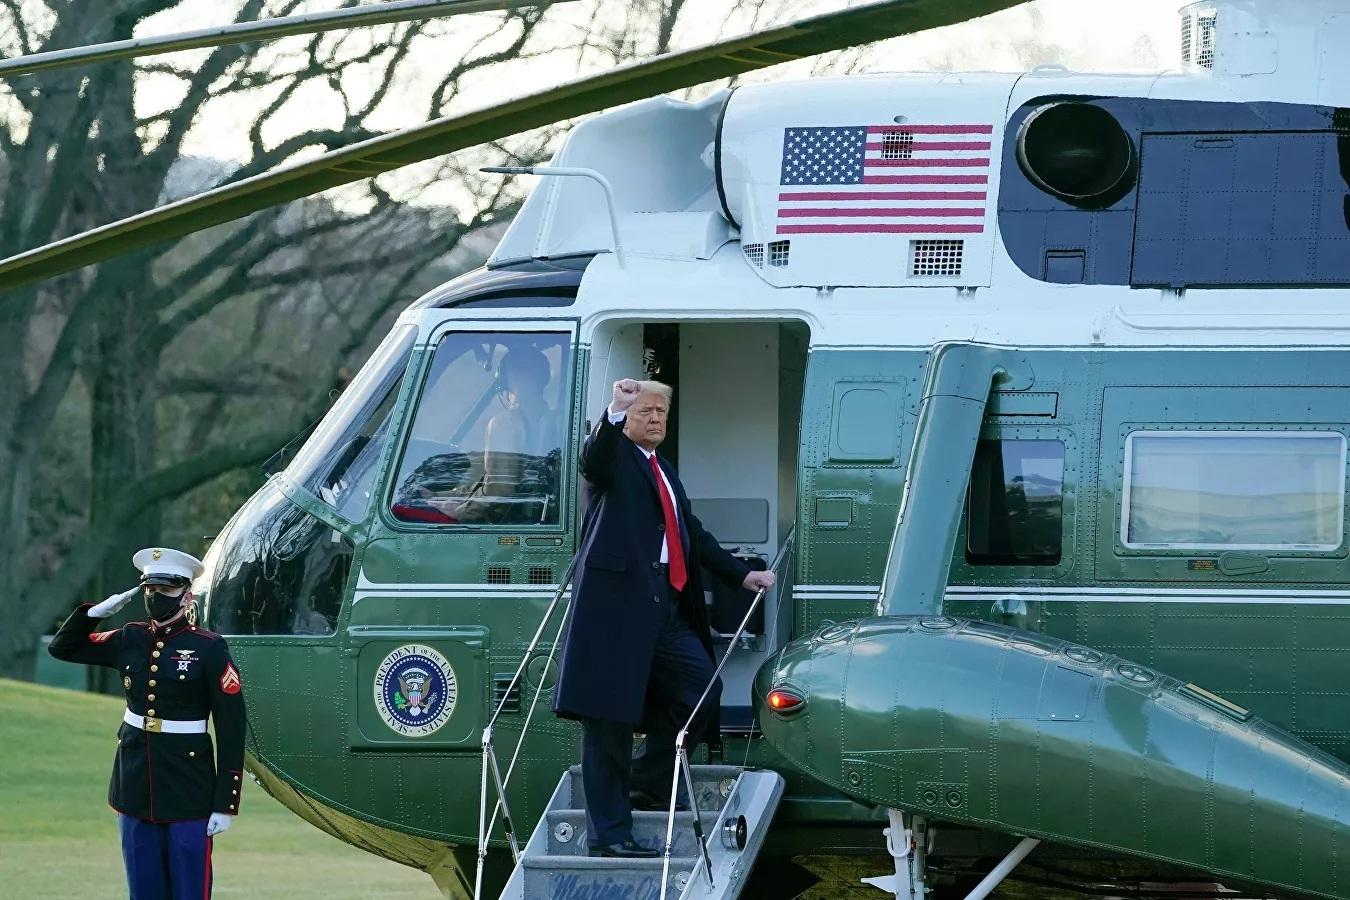 Nhân viên cũ của ông Trump đối mặt với nguy cơ bị từ chối việc làm